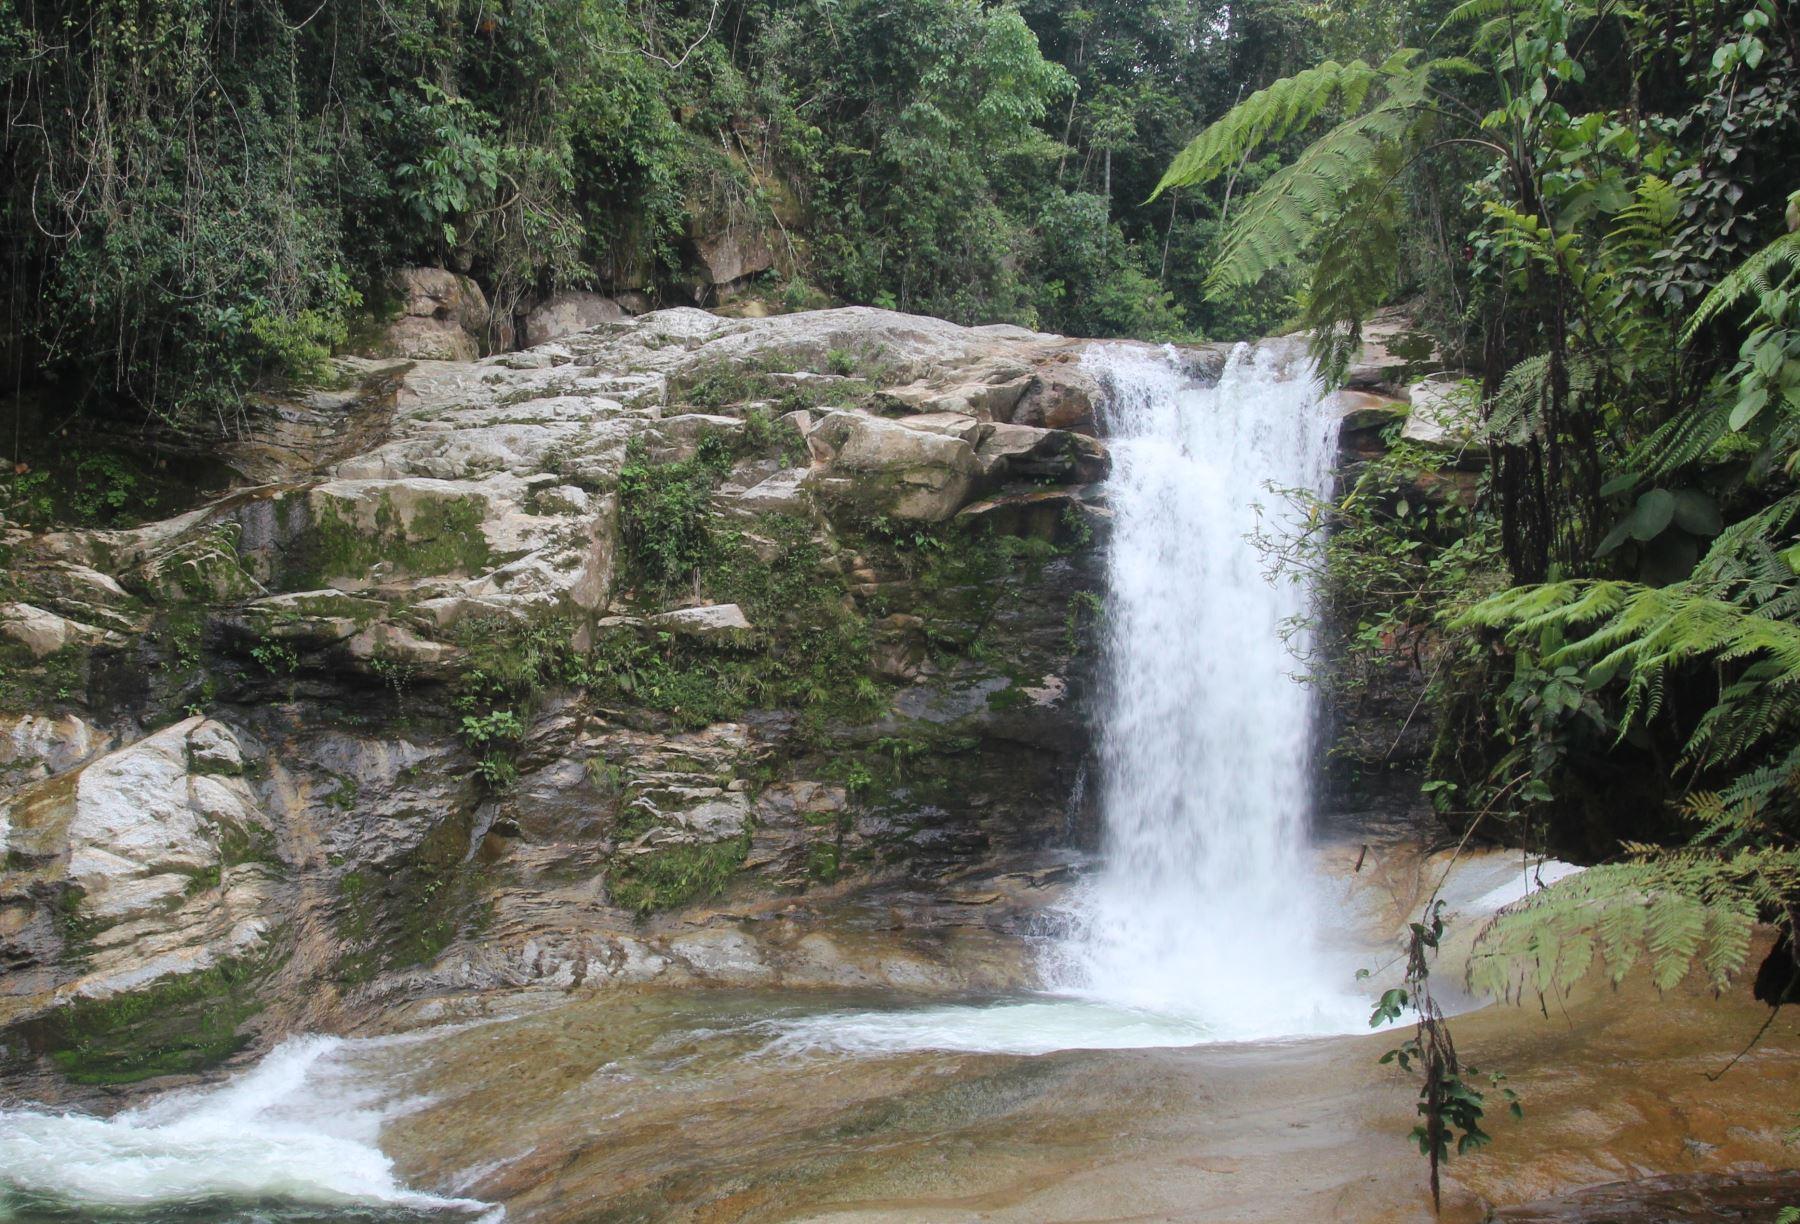 Satipo: buscan revitalizar su oferta ecoturística con impresionantes cataratas - Agencia Andina